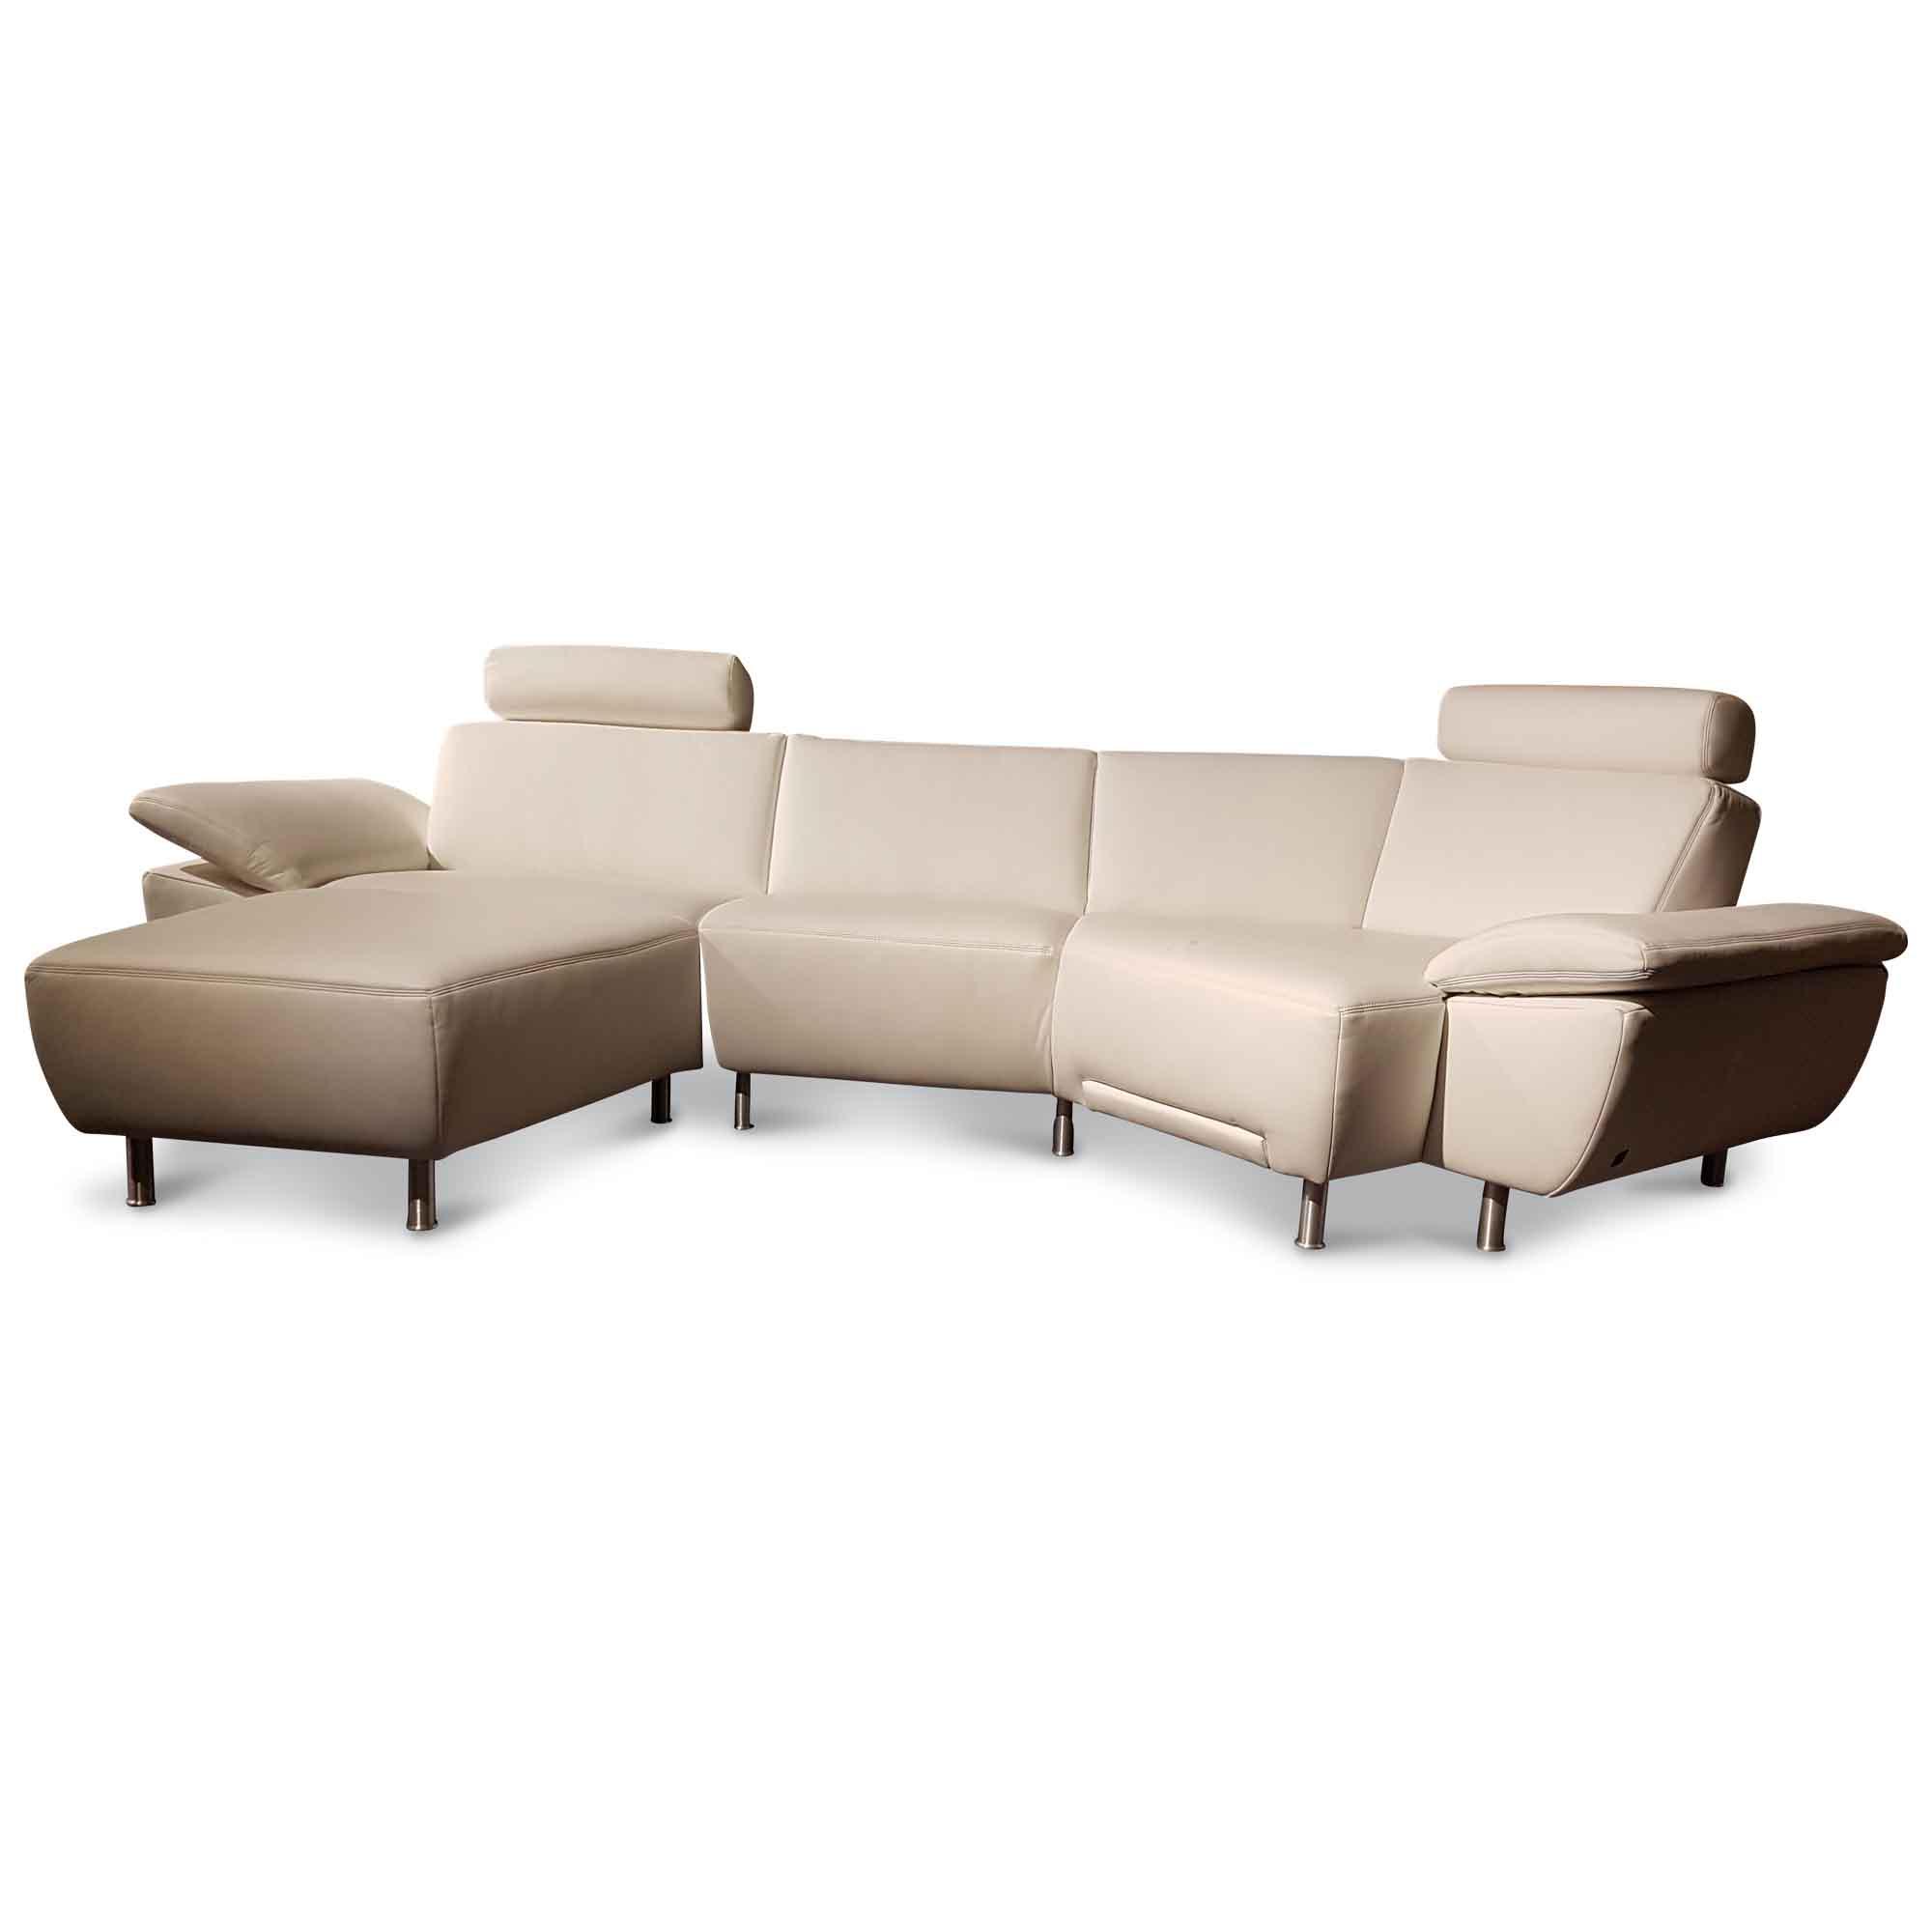 ecksofa mr 577 mit verstellbaren fu und armlehnen. Black Bedroom Furniture Sets. Home Design Ideas